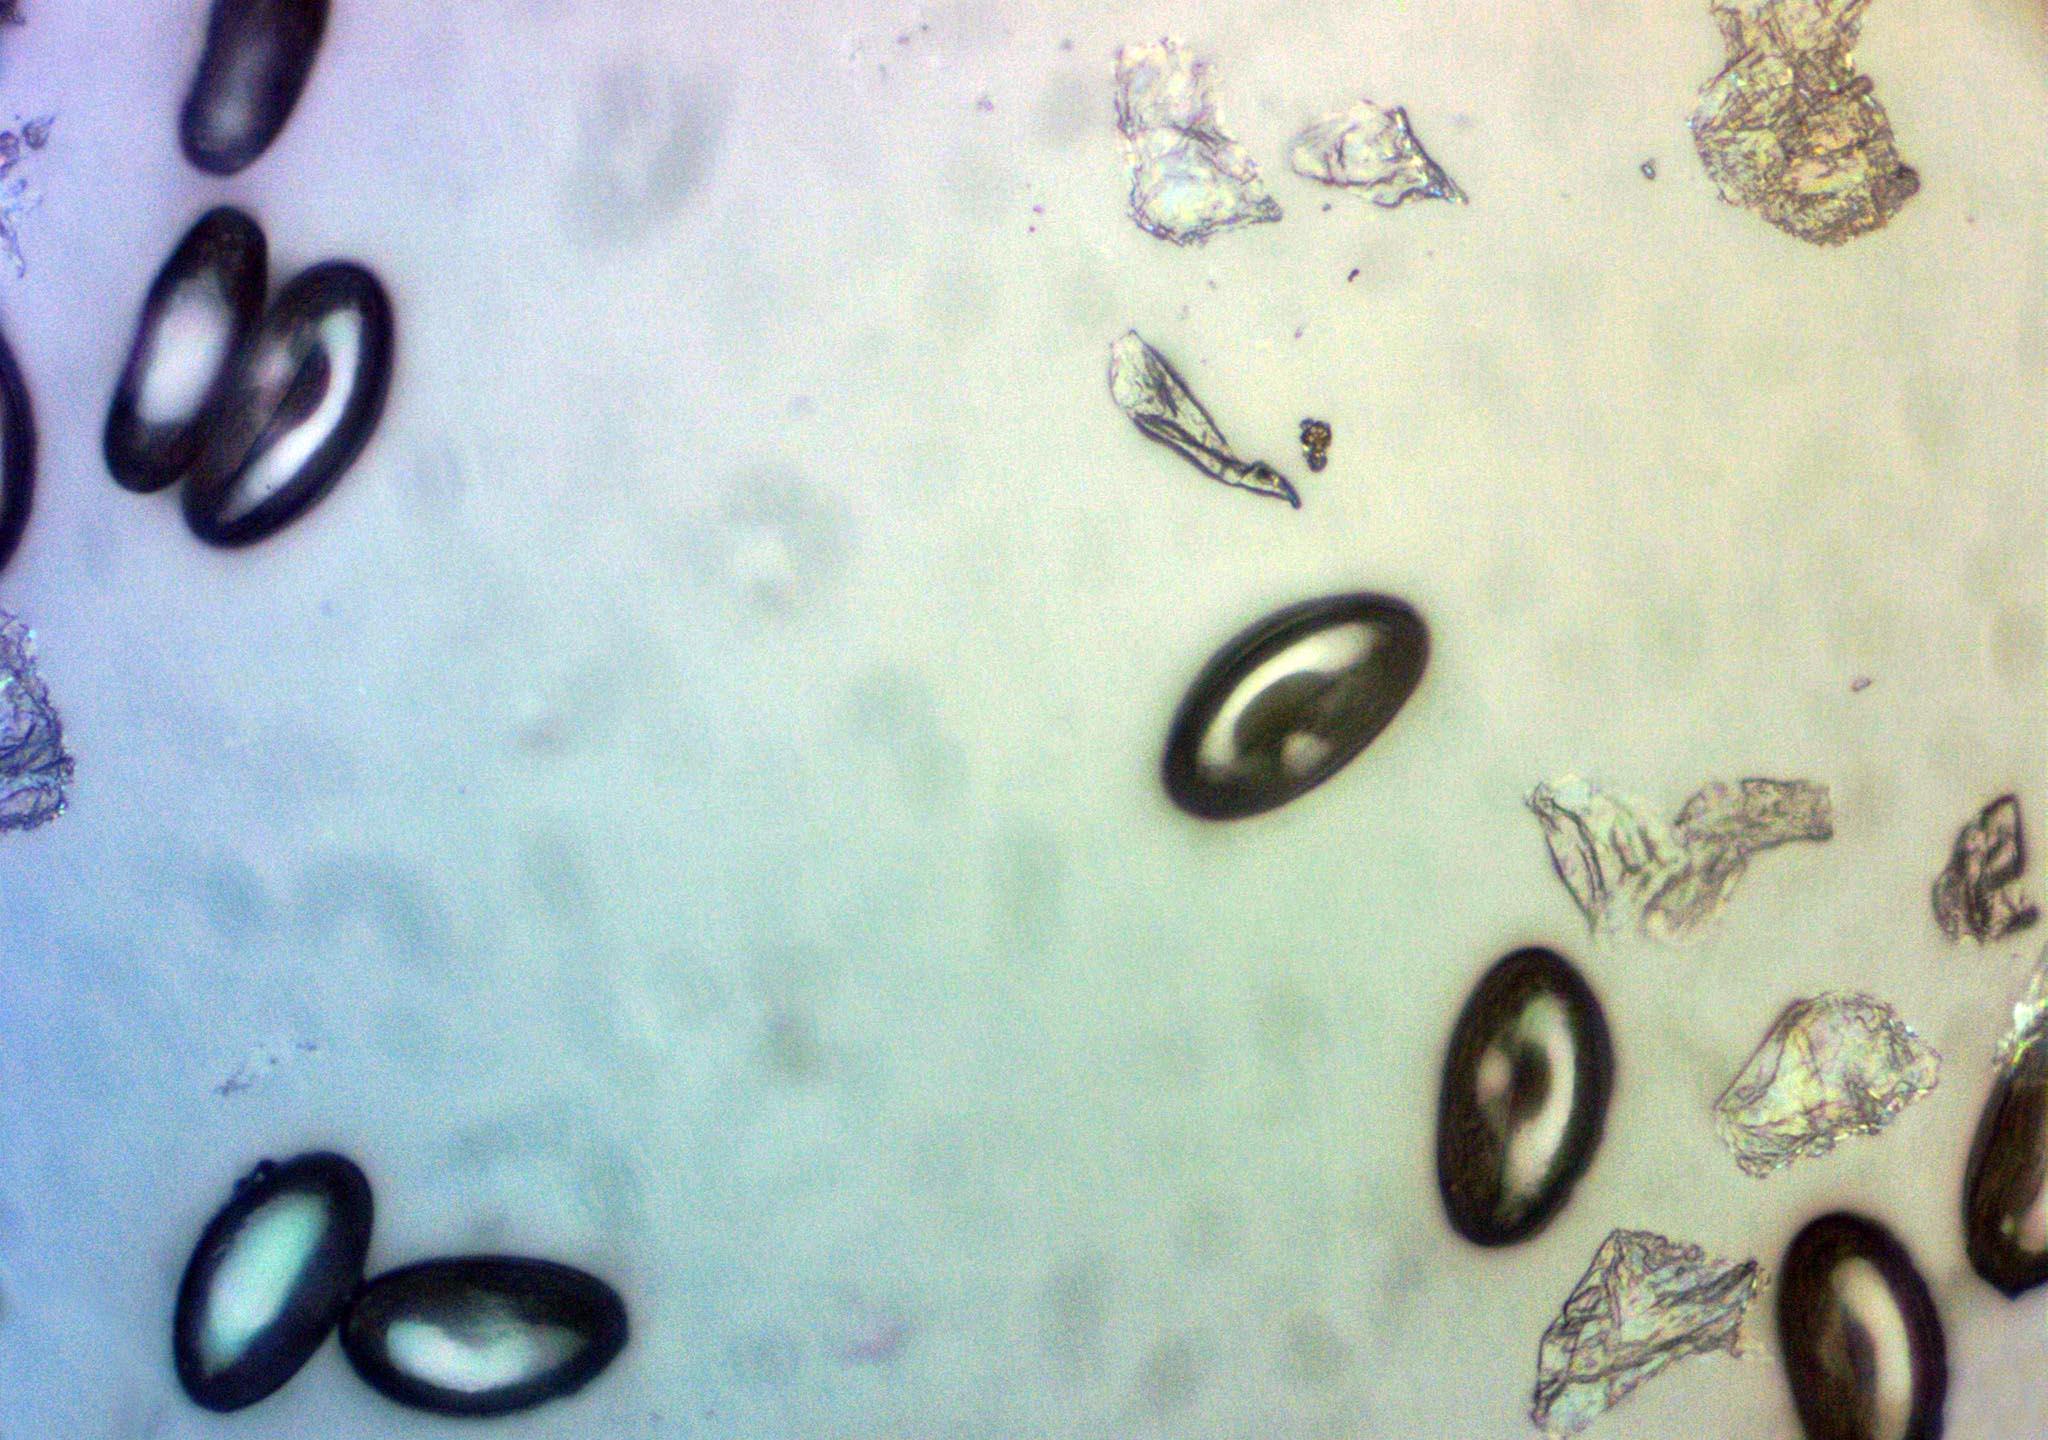 van e hőmérséklet pinwormokkal hogyan kezelik a parazitákat az USA ban